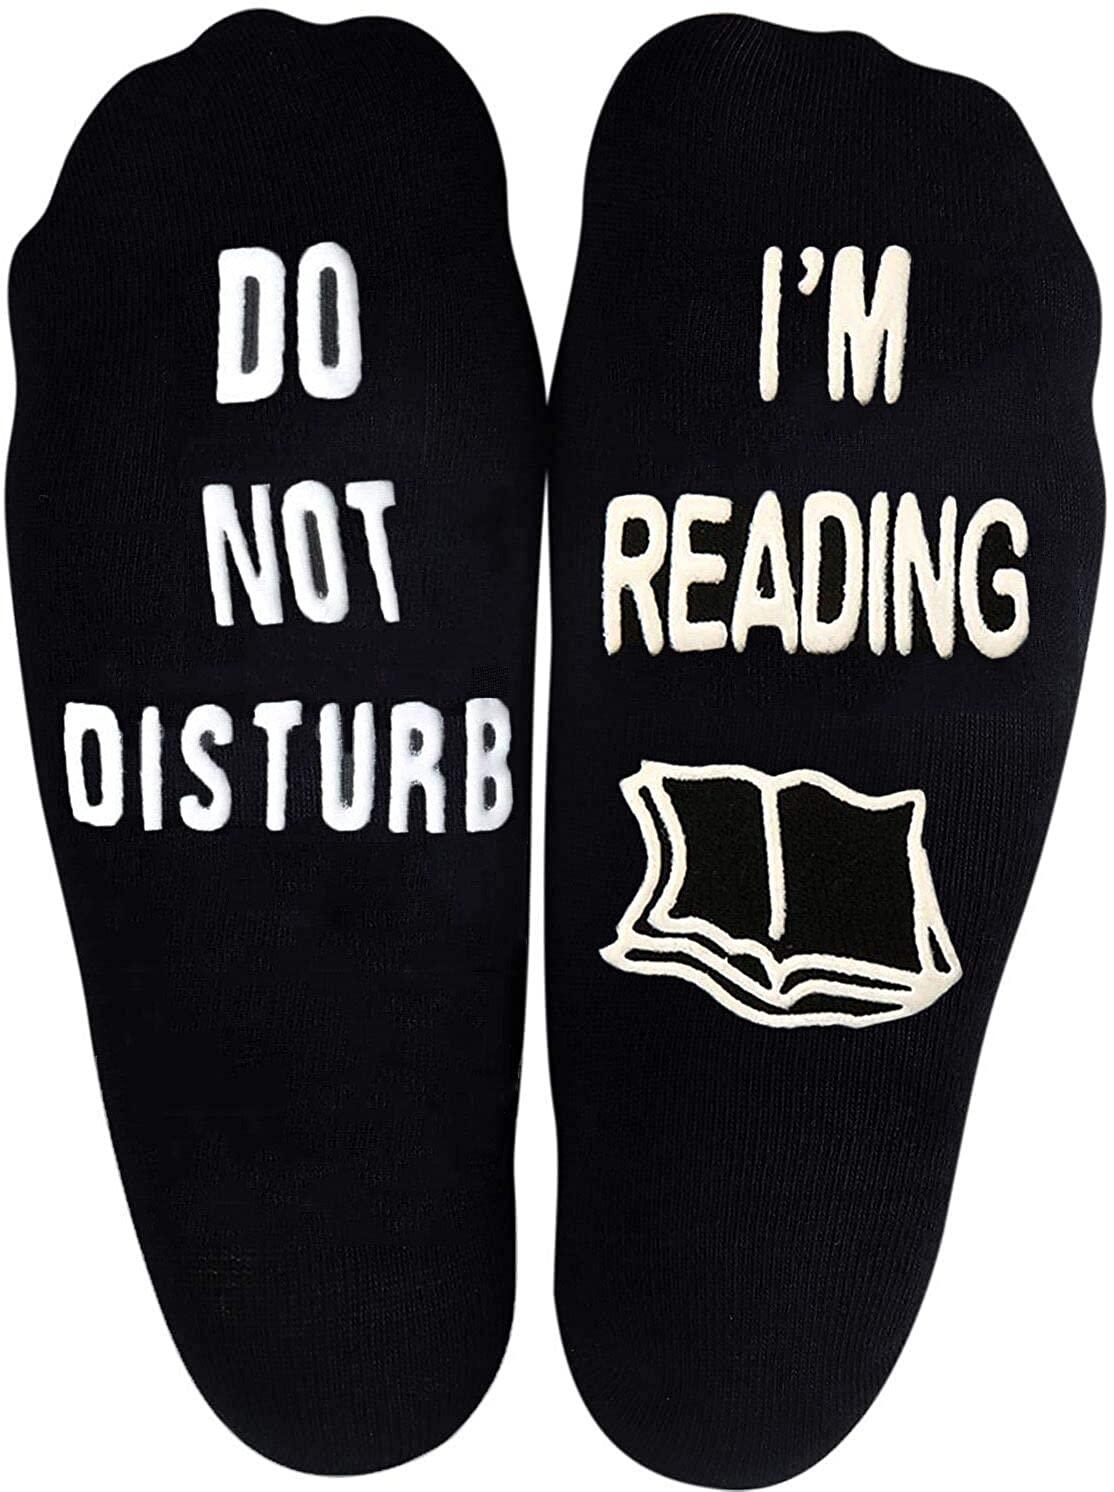 Unisex Cotton Socks Do Not Disturb Im Gaming Socks, Gamer Socks Funny Novelty Socks Great Christmas for Men Women